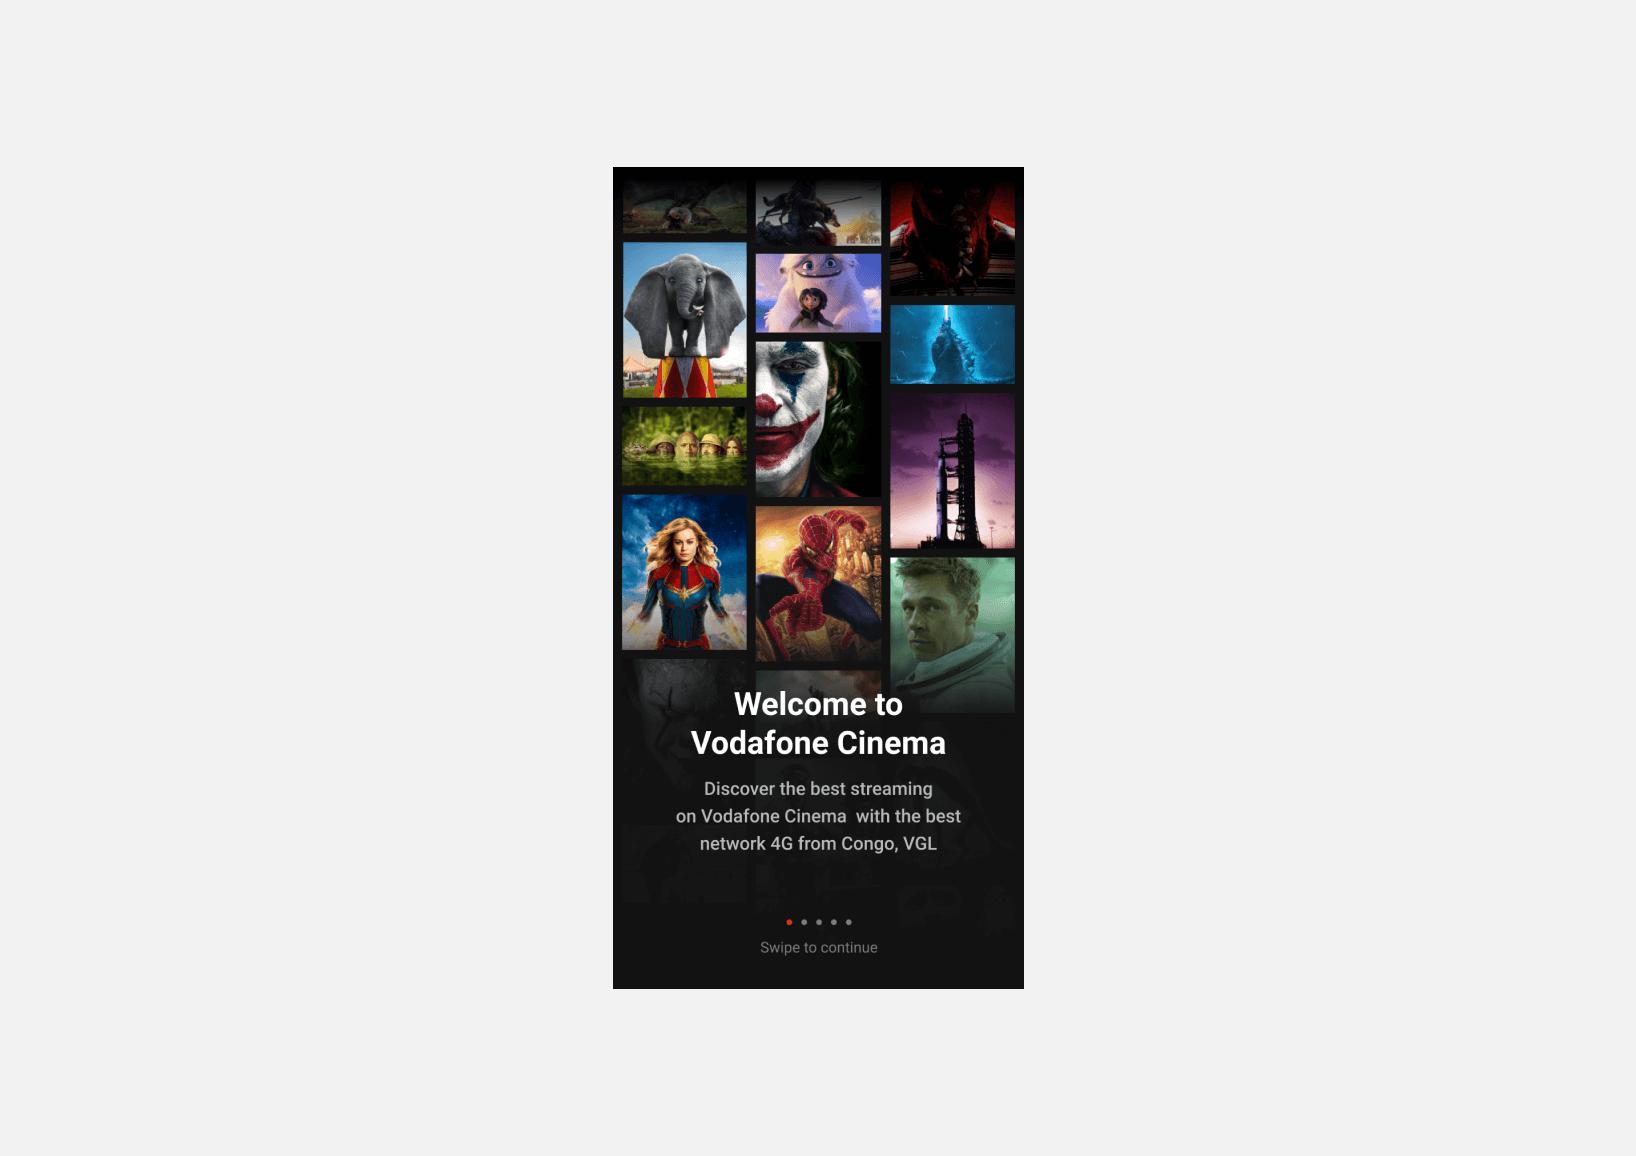 TM web app screenshots